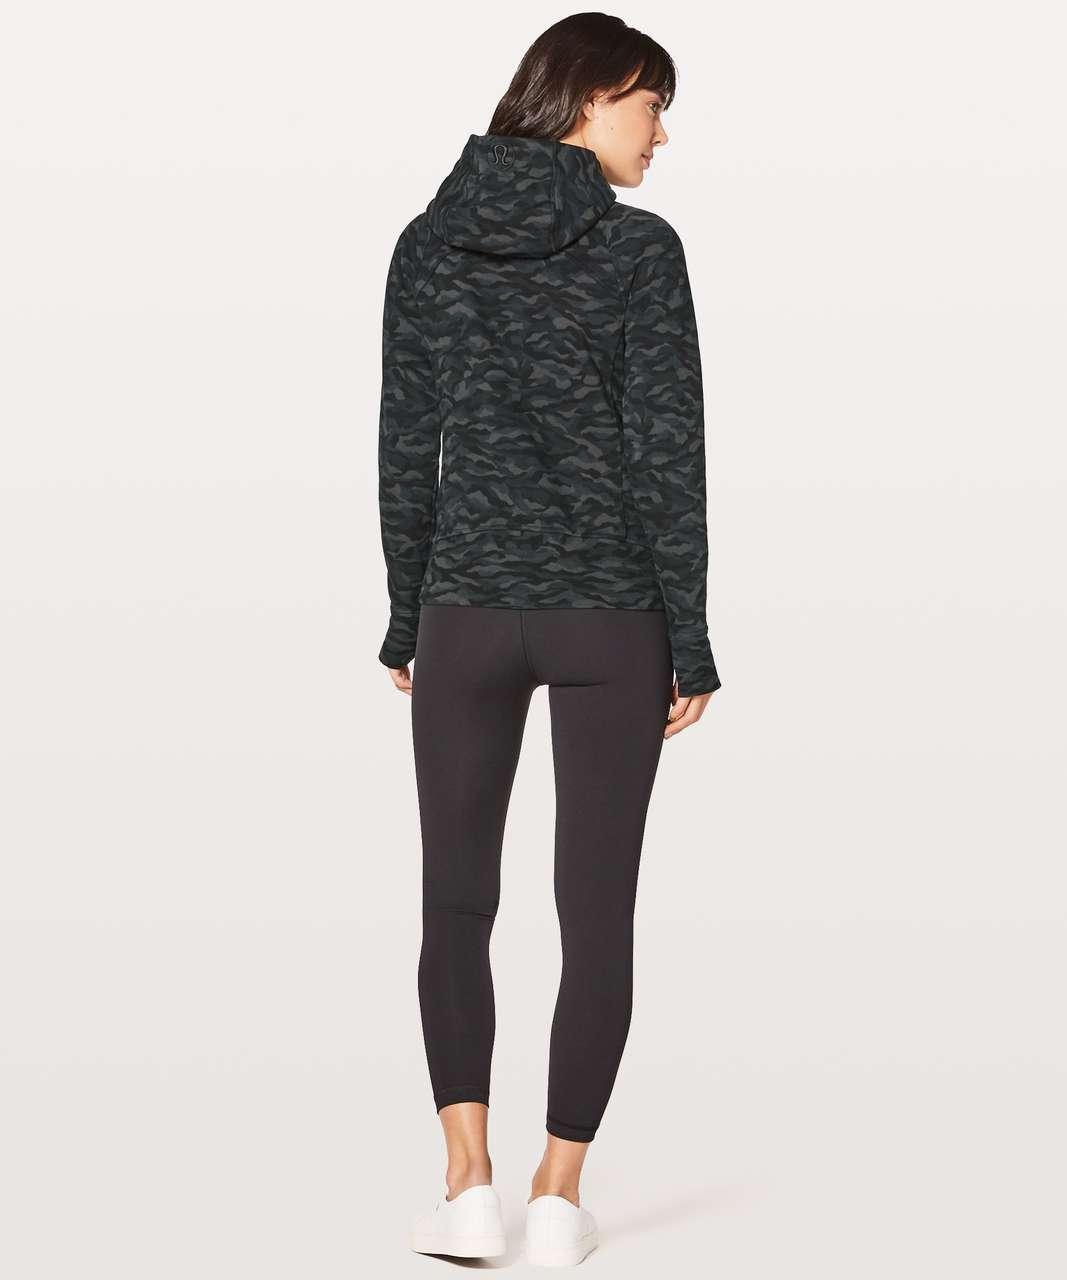 Lululemon Scuba Hoodie Light Cotton Fleece - Sequoia Camo Print Deep Coal Black